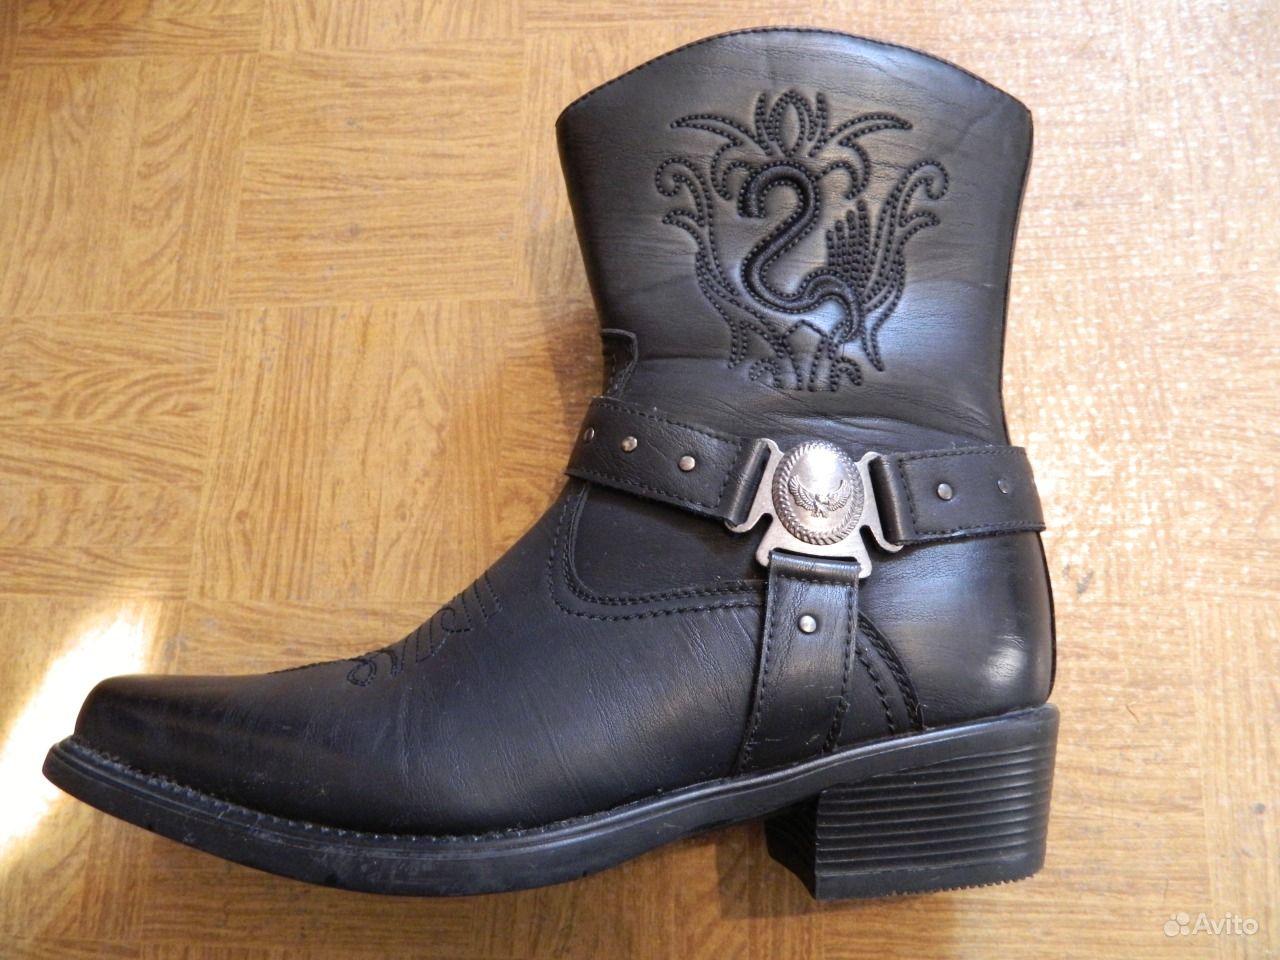 Казаки Etor, мужские казаки etor, интернет магазин обуви